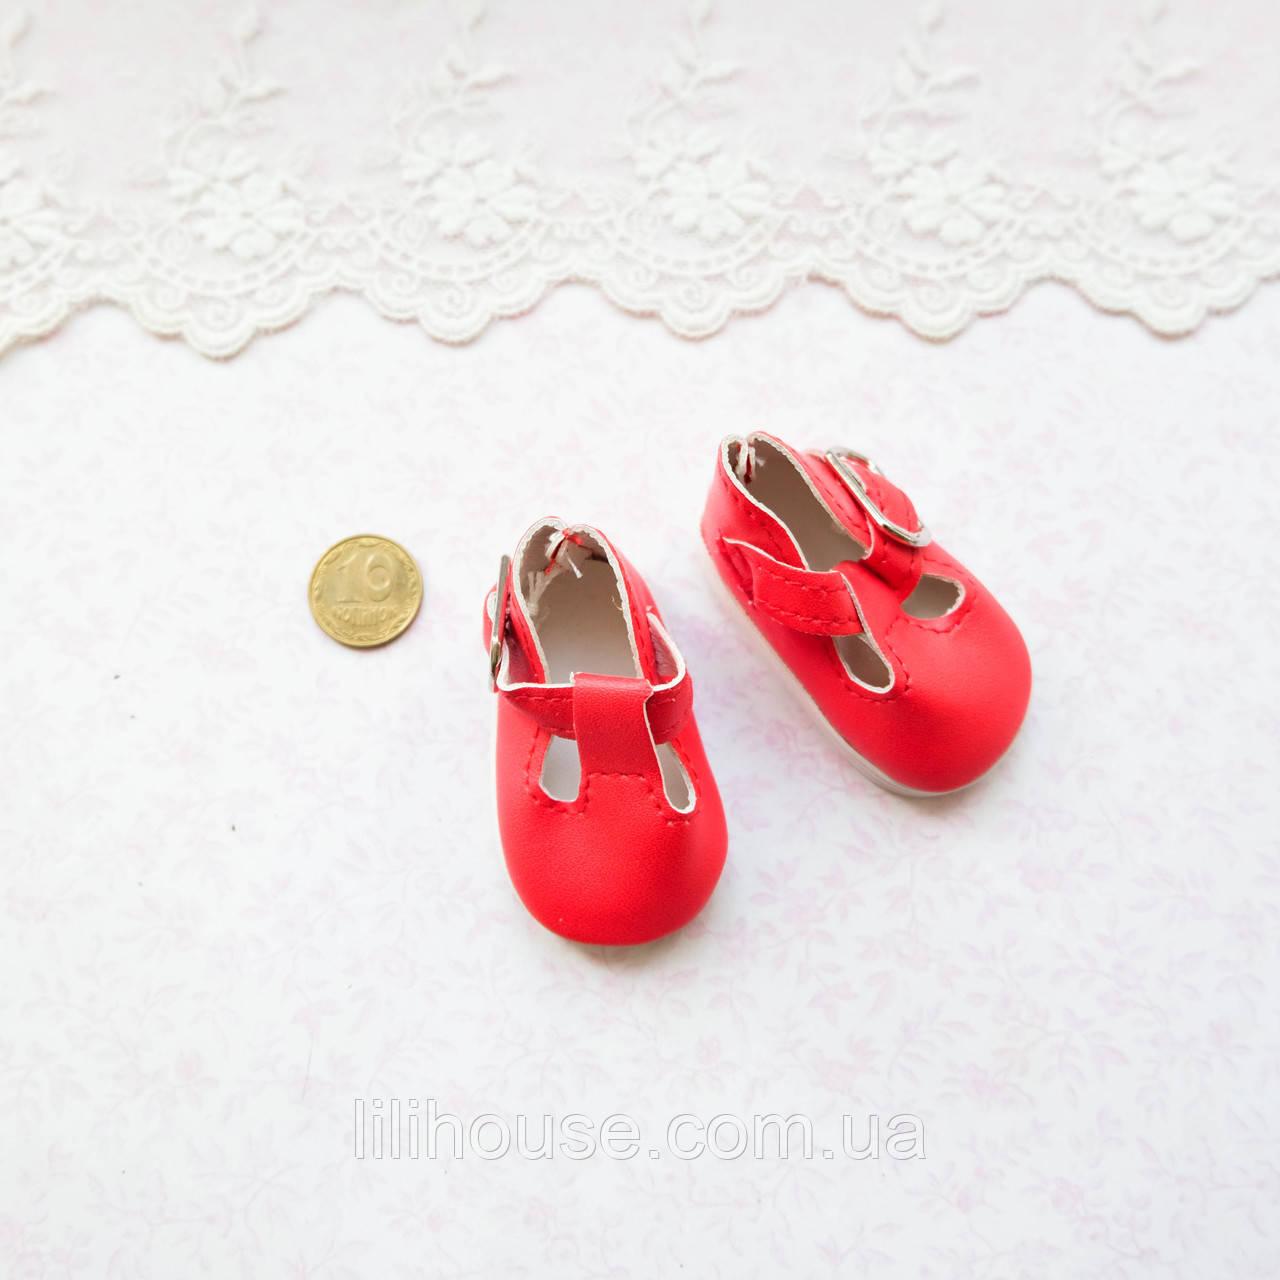 Обувь для кукол Туфли с Ремешком Округлые 5*2.8 см КРАСНЫЕ